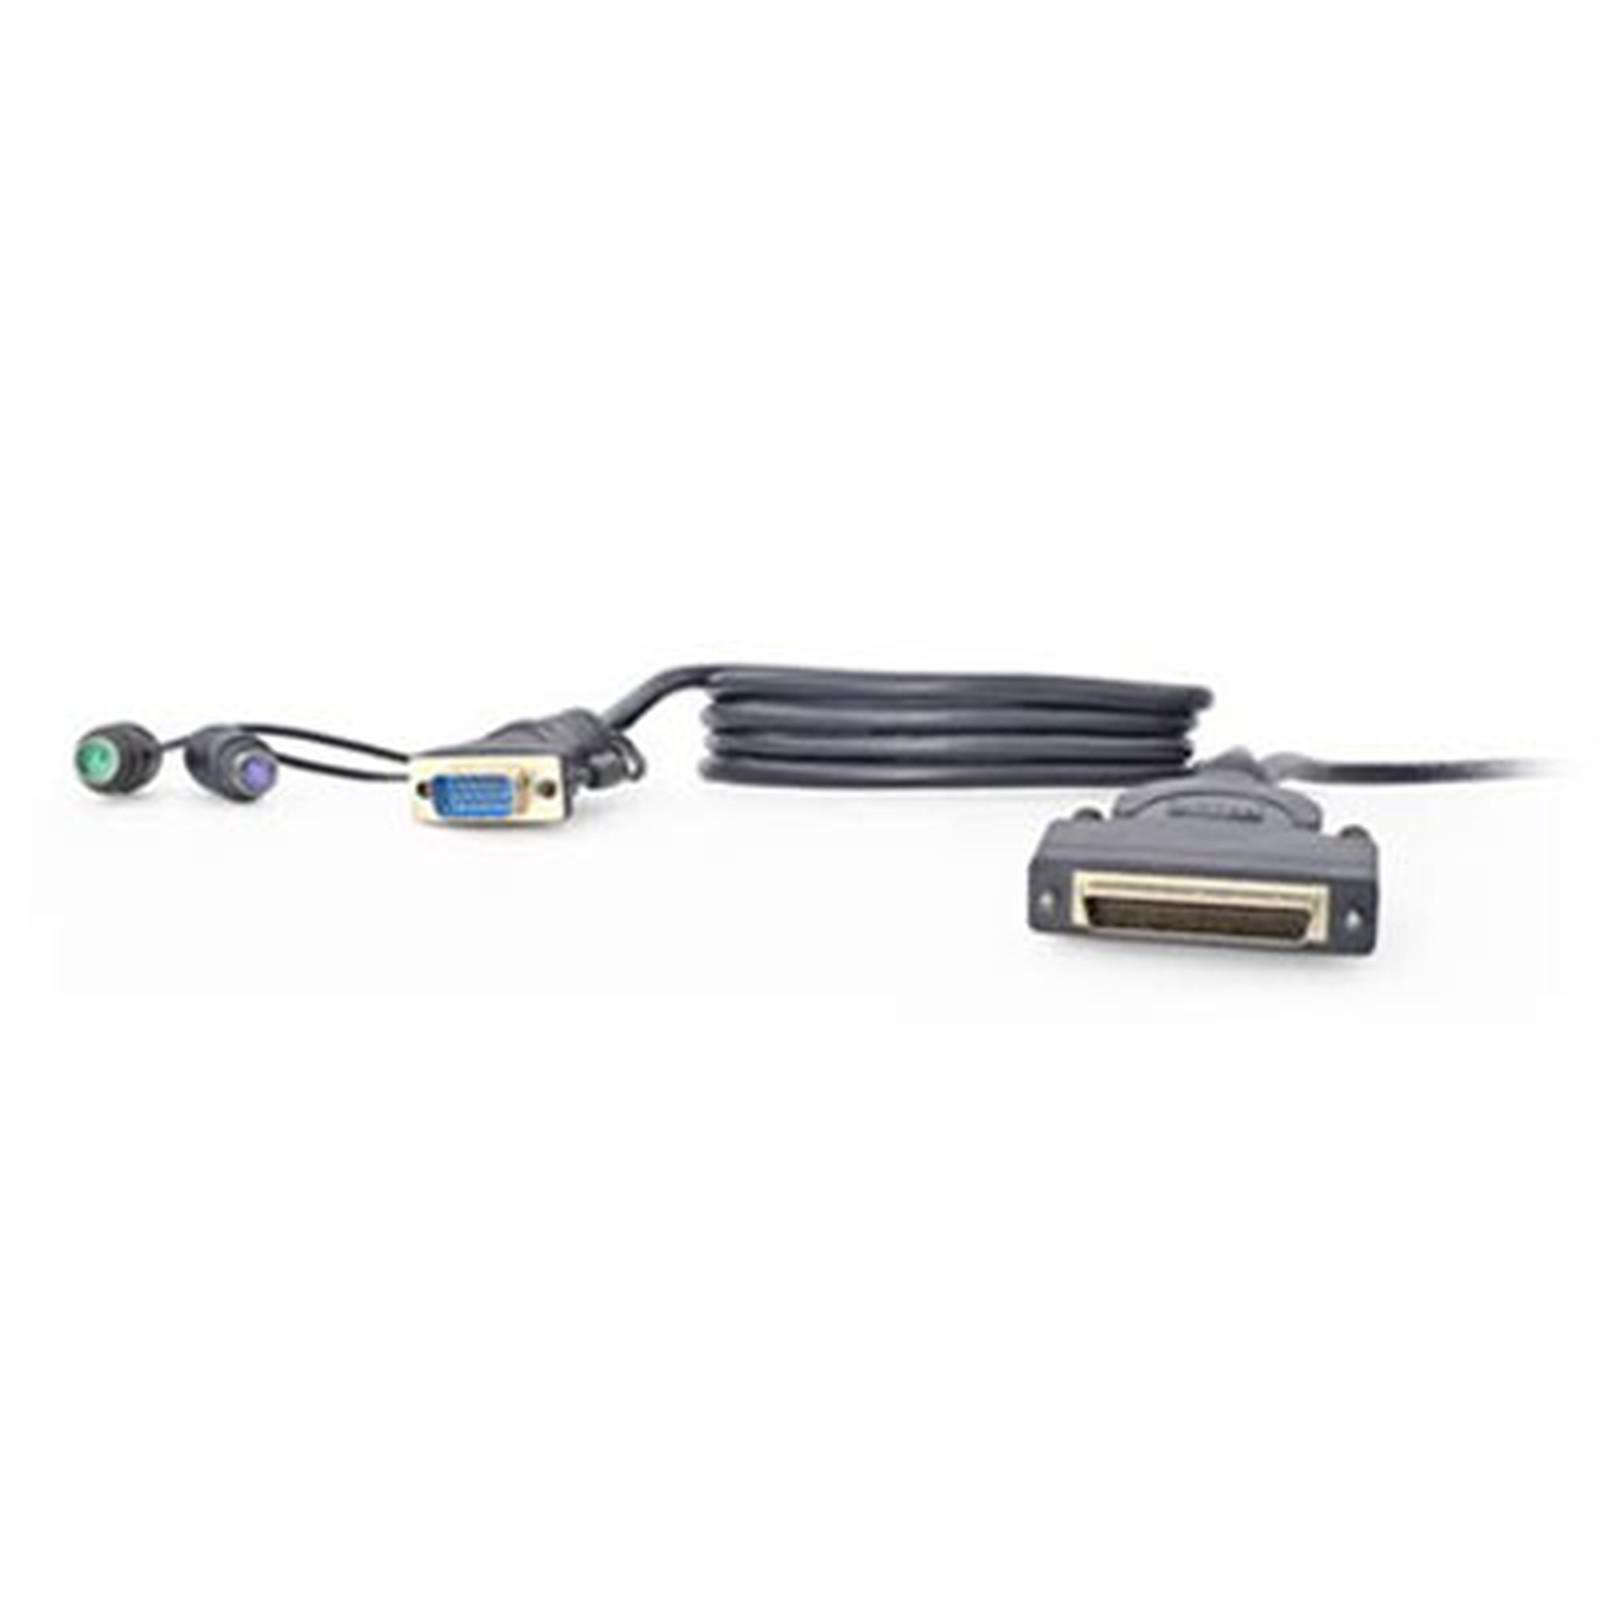 Belkin OmniView F1D9400-25